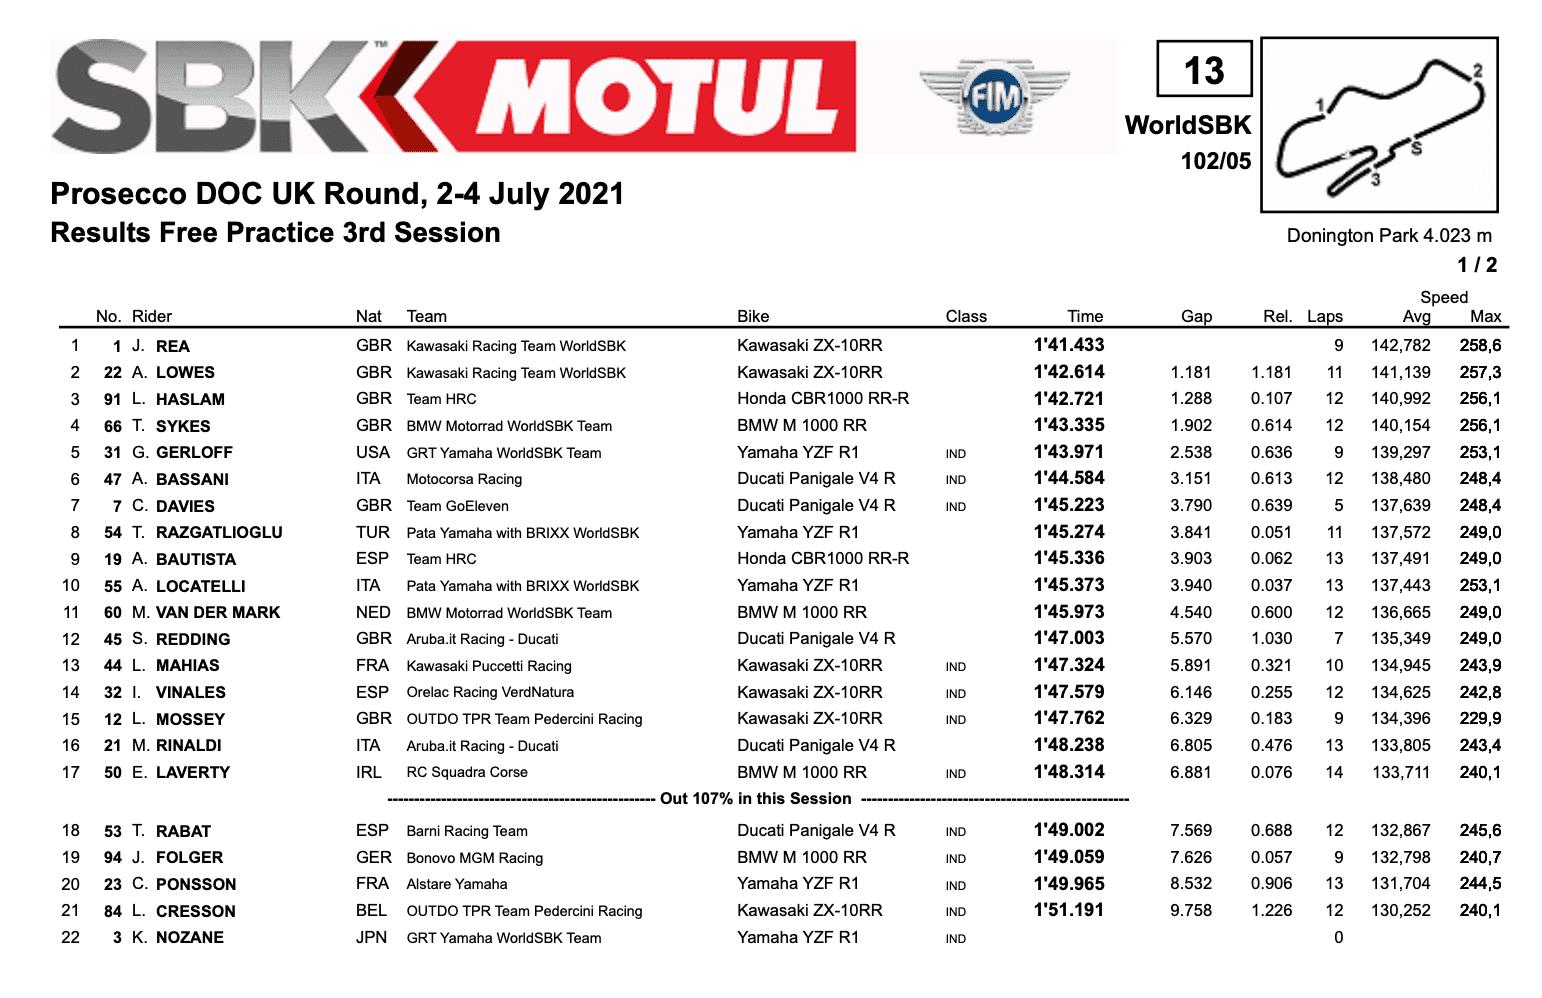 FIM スーパーバイク世界選手権(SBK)イギリス戦 FP3トップタイムはジョナサン・レイ